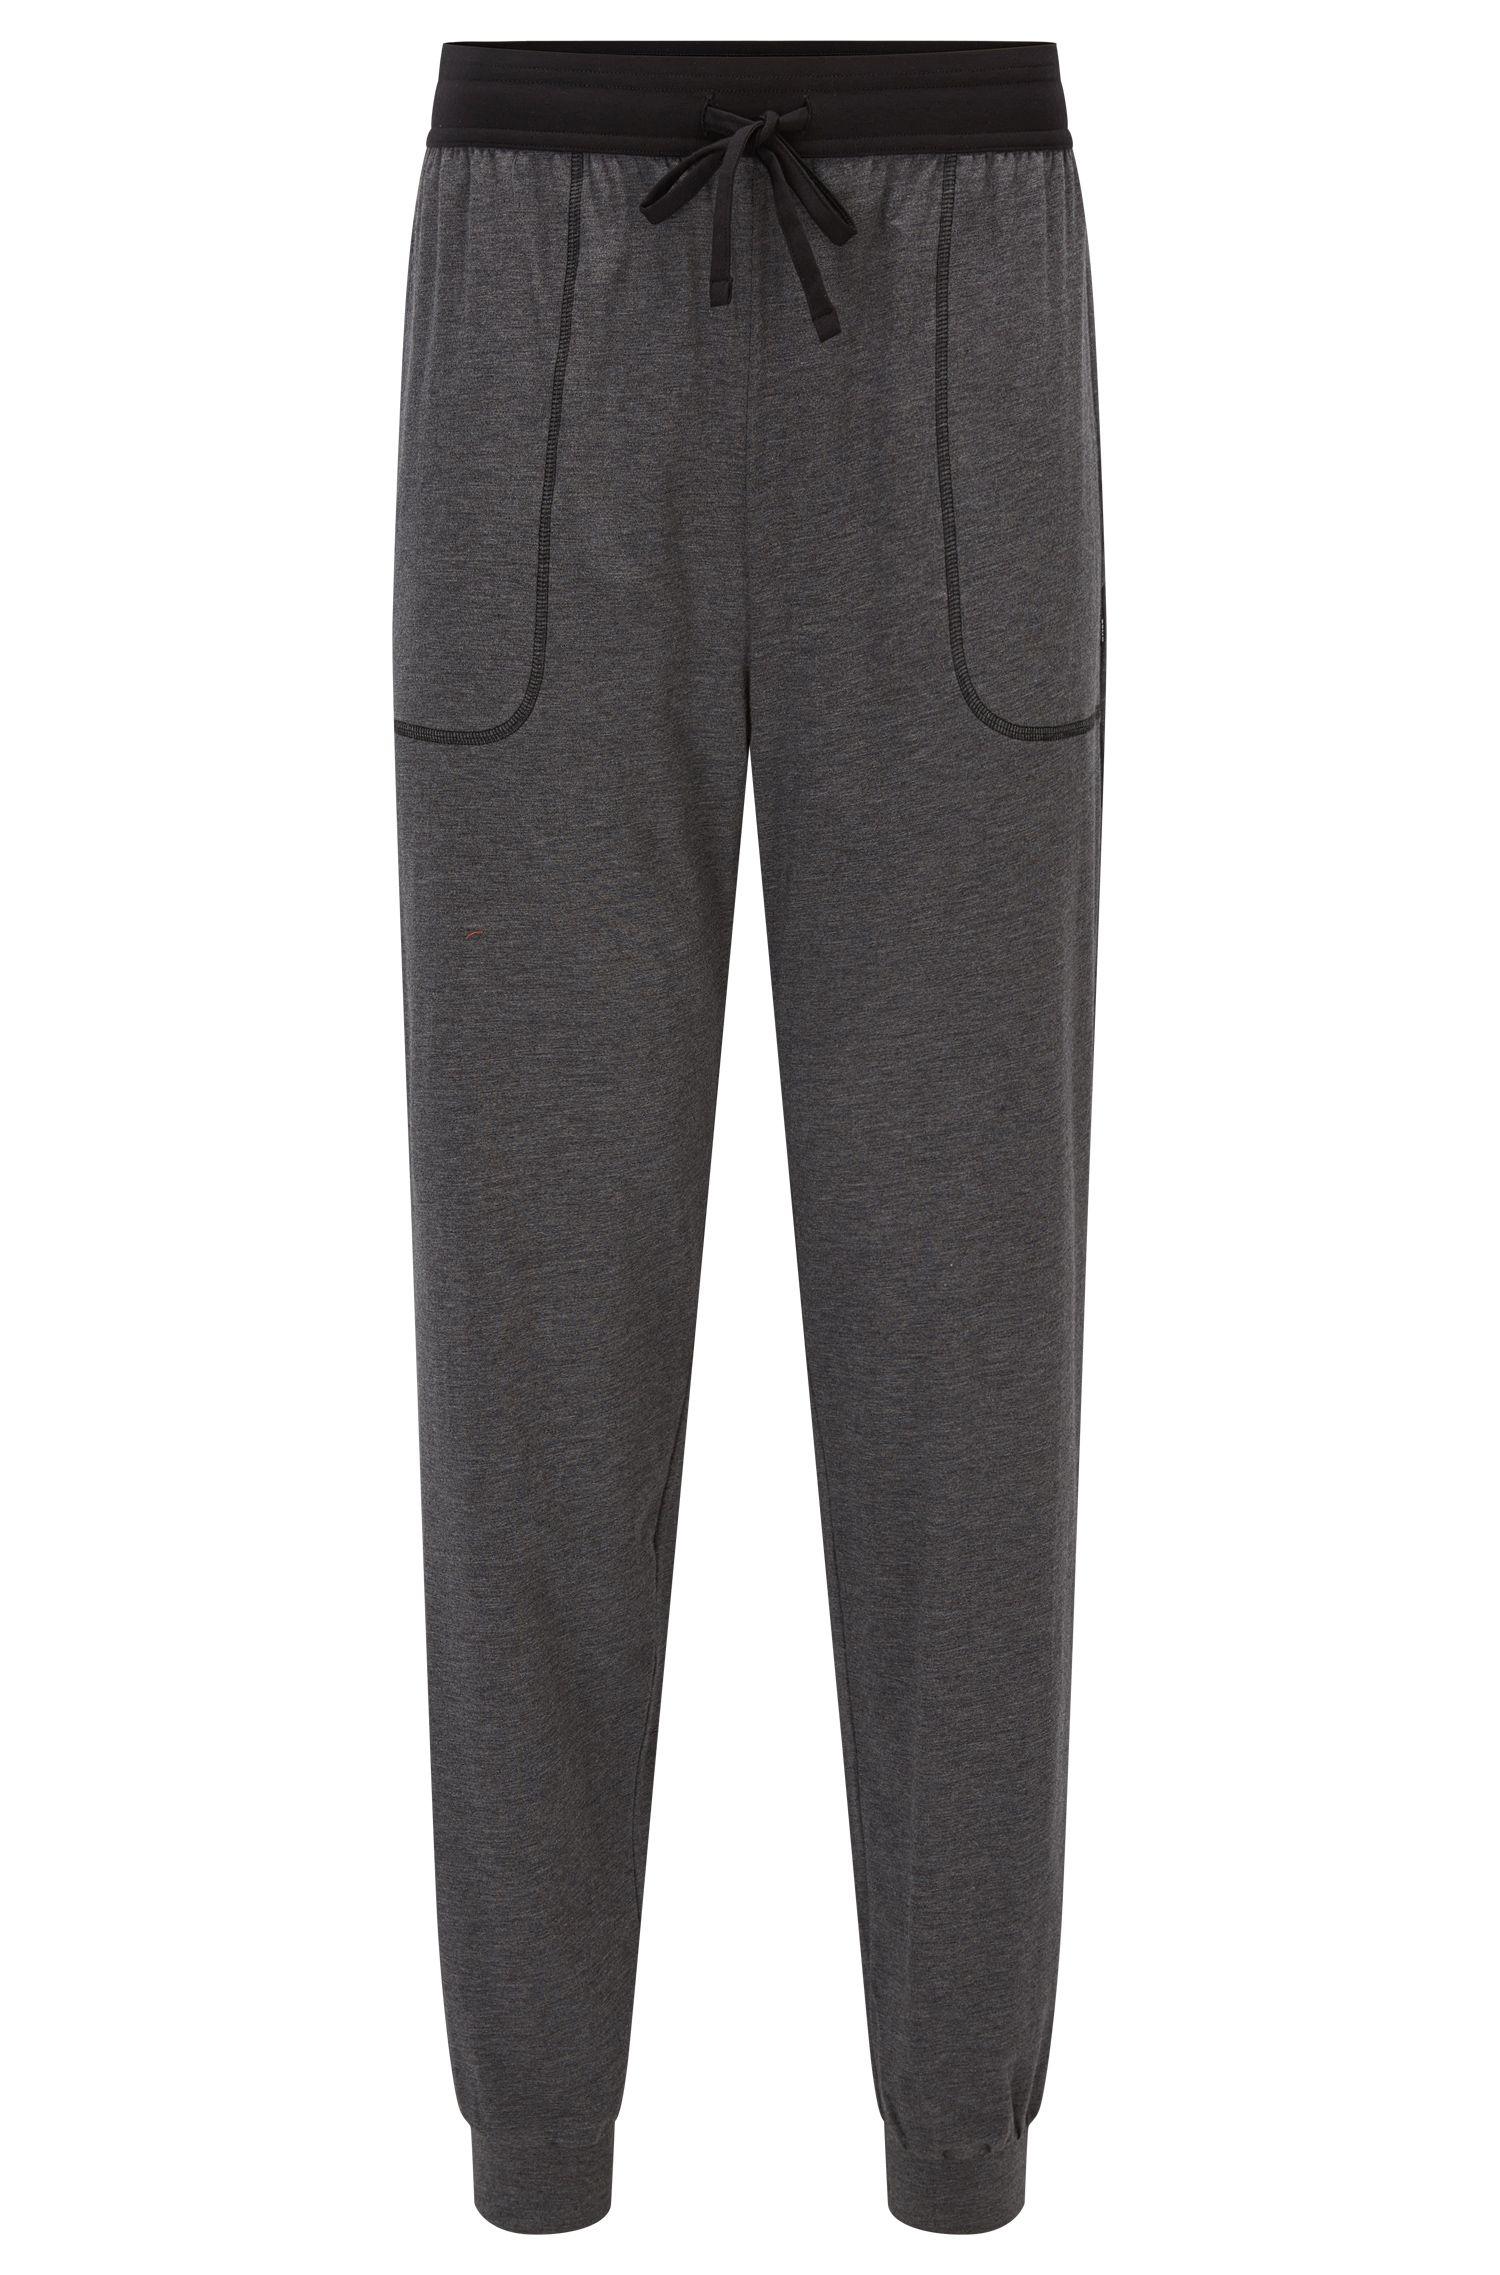 Pantalones de pijama en una mezcla de punto de algodón